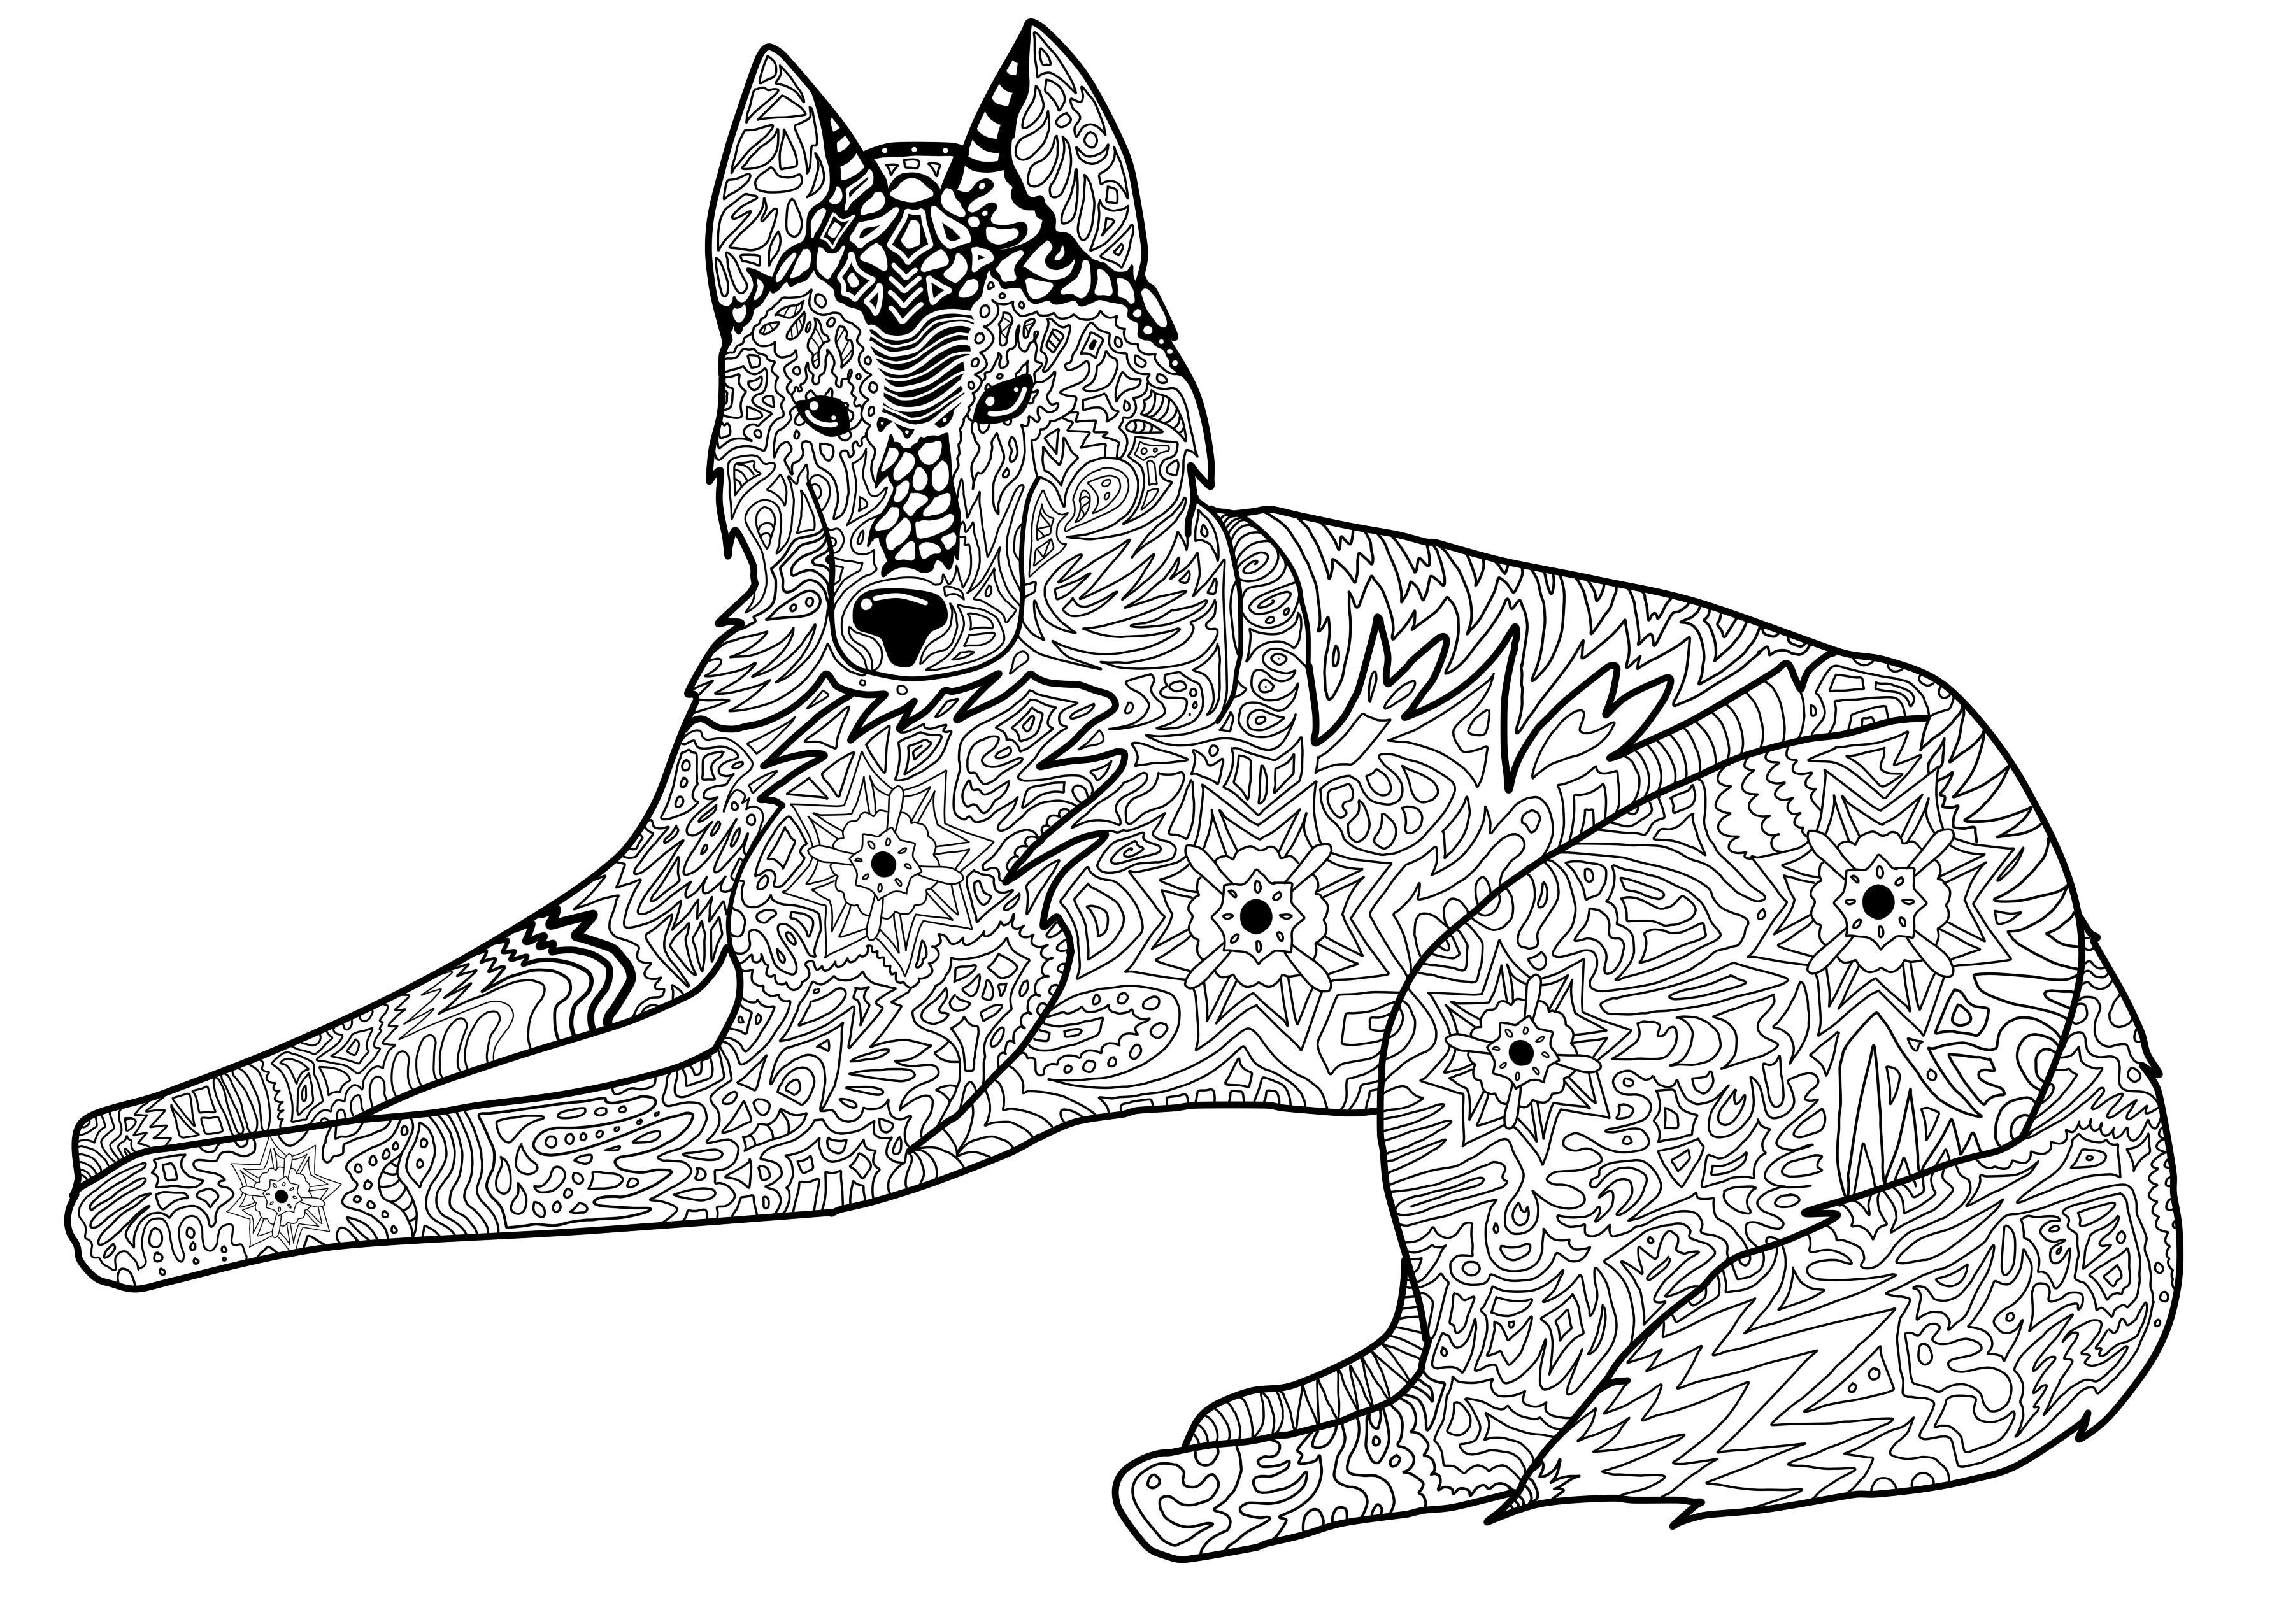 ausmalbilder zum ausdrucken ausmalbilder ausmalbilder hunde